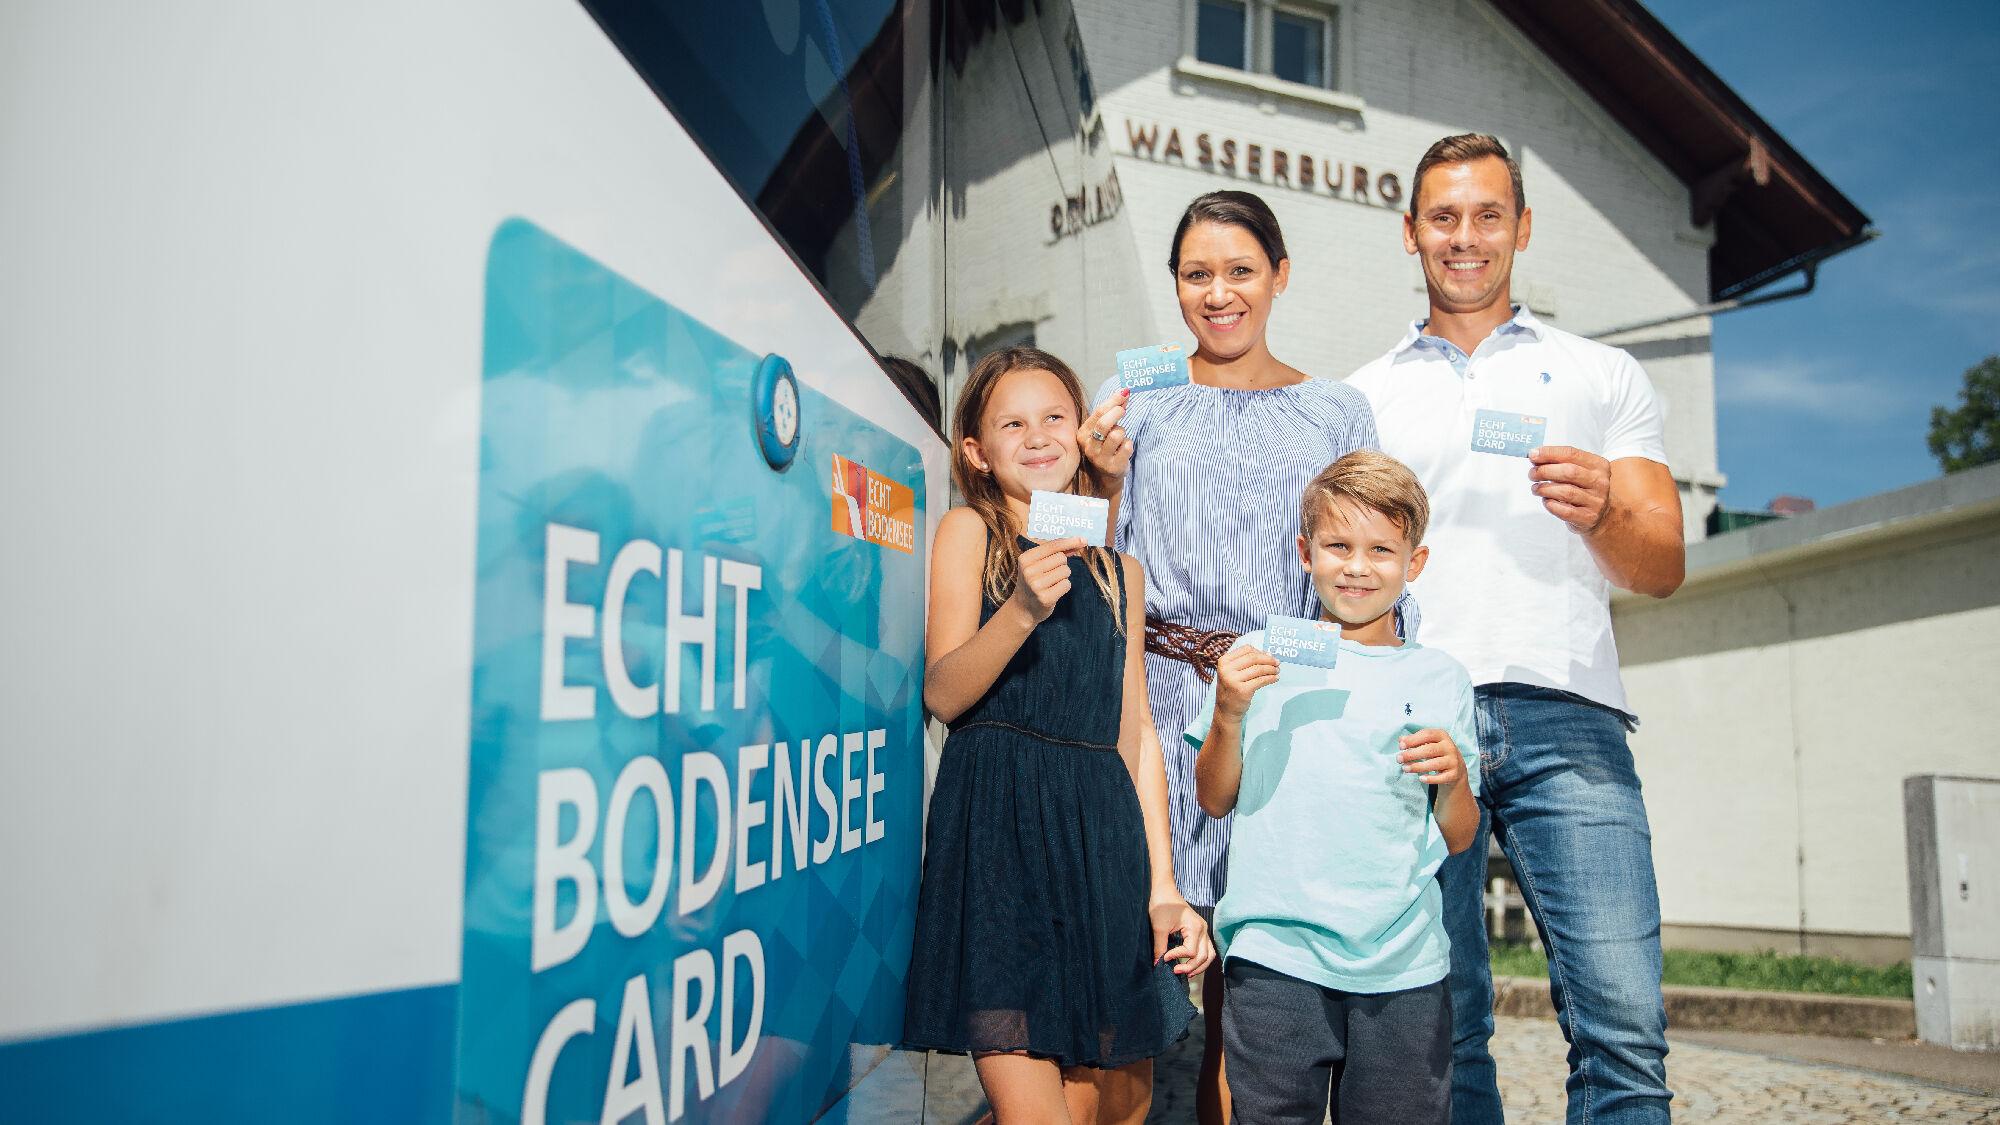 Die Echt Bodensee Card